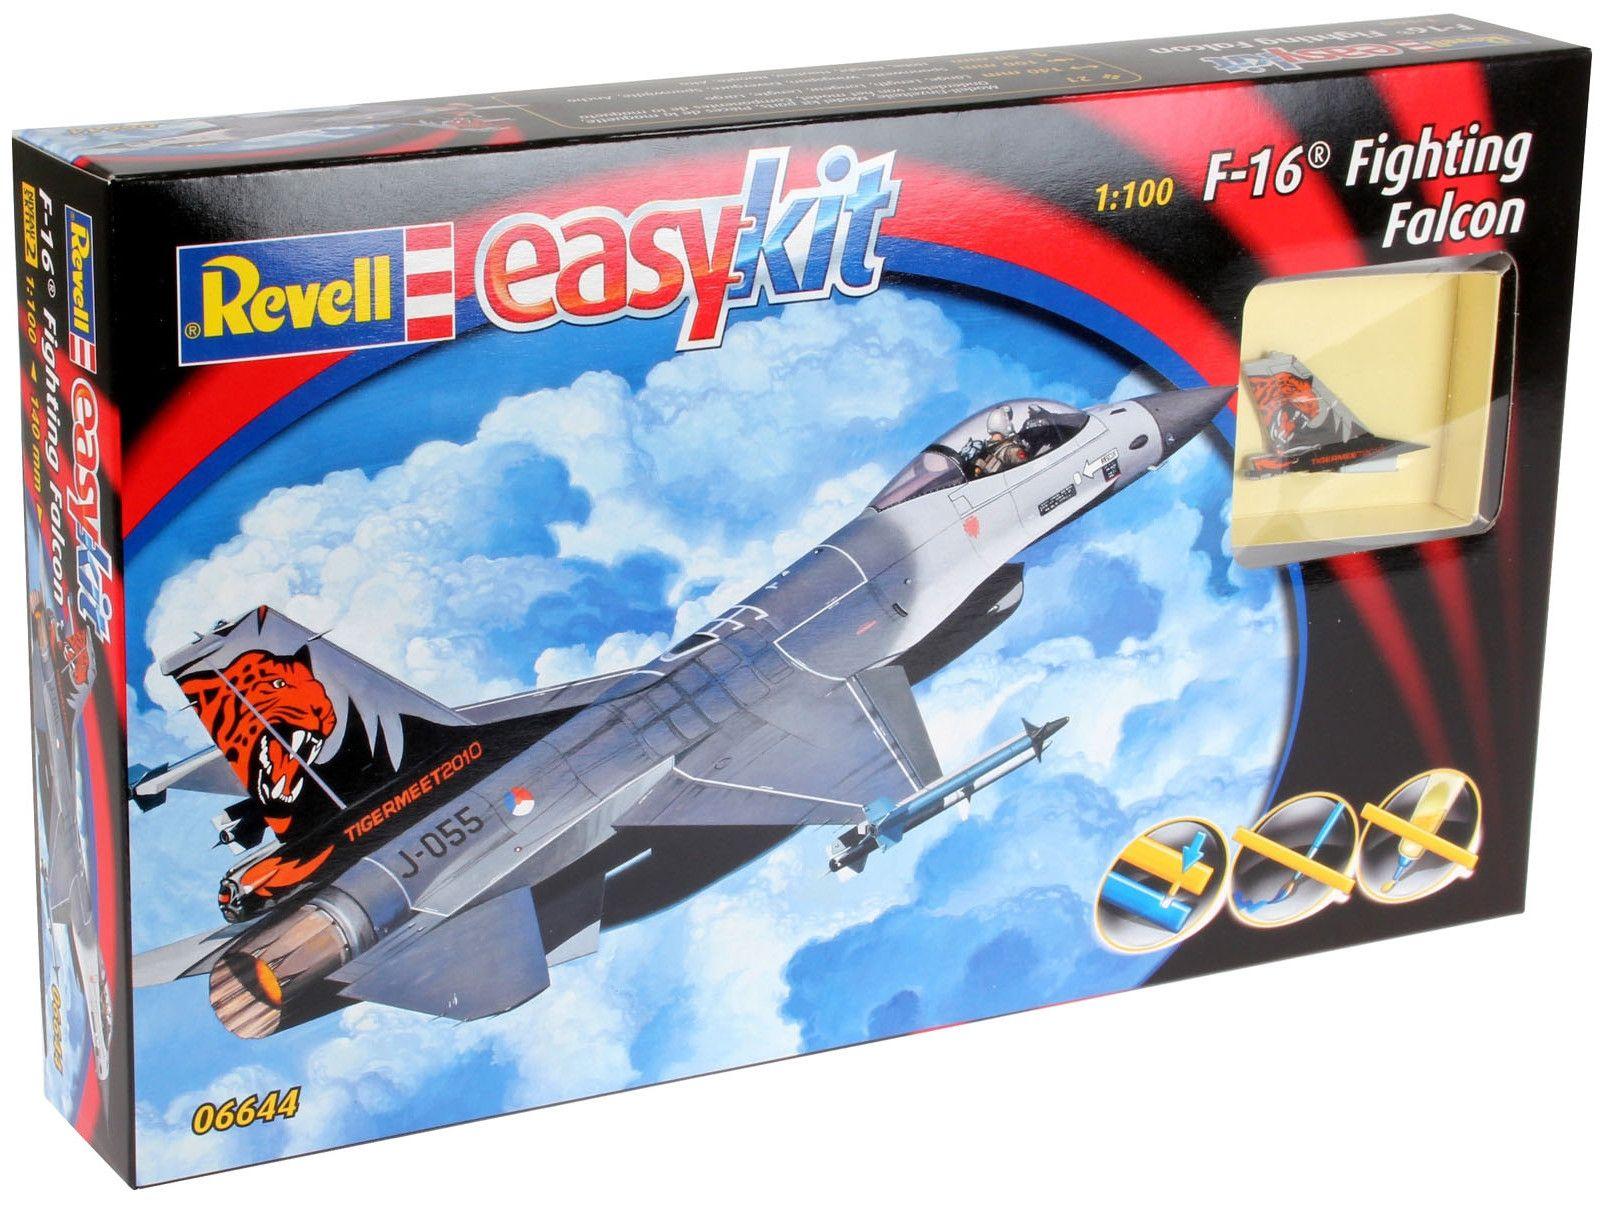 Сглобяем модел на изтребител Revell Easykit - F-16 Fighting Falcon (06644) - 4